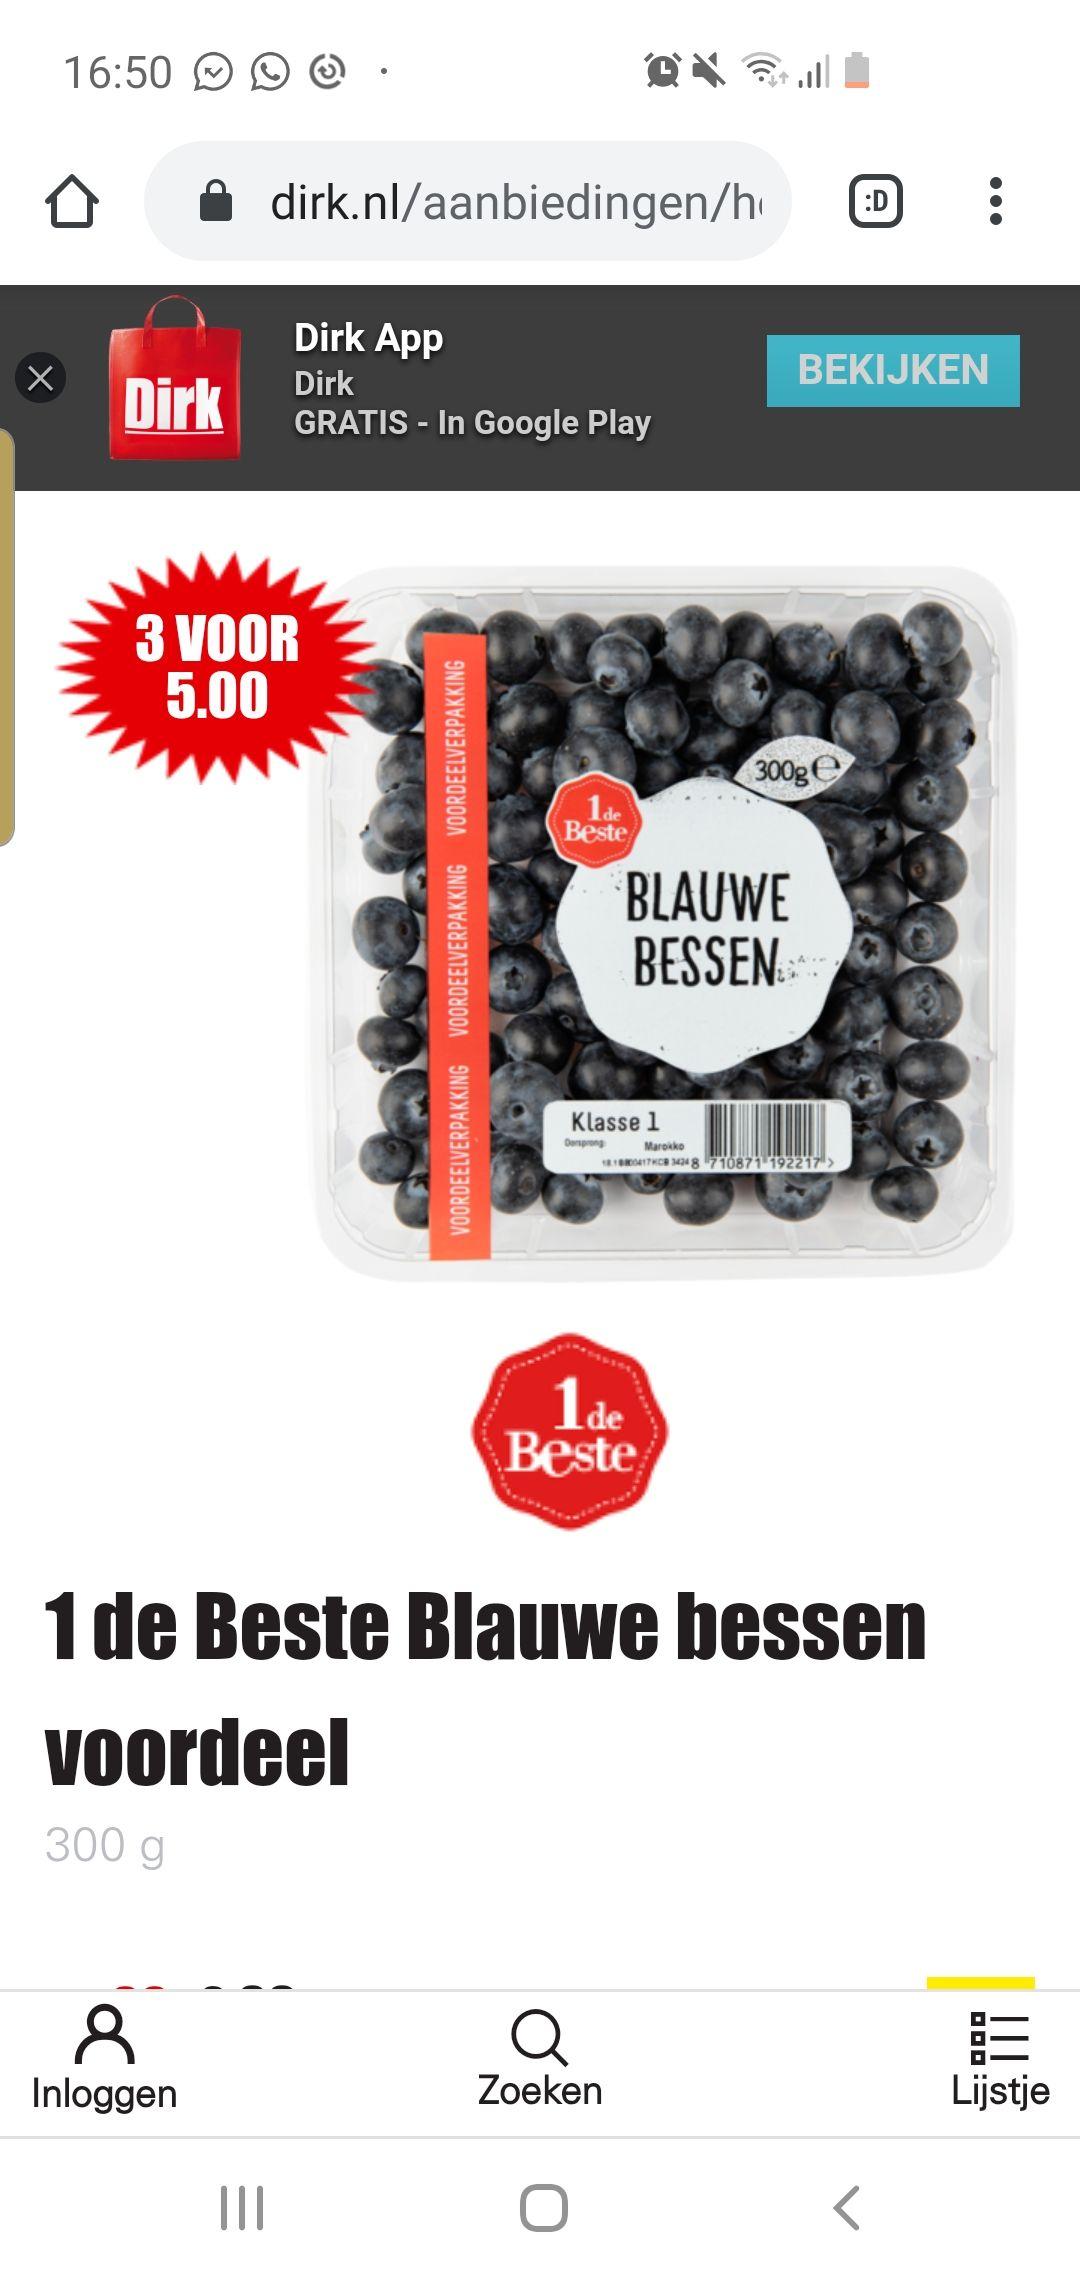 900 gram blauwe bessen voor 5 euro